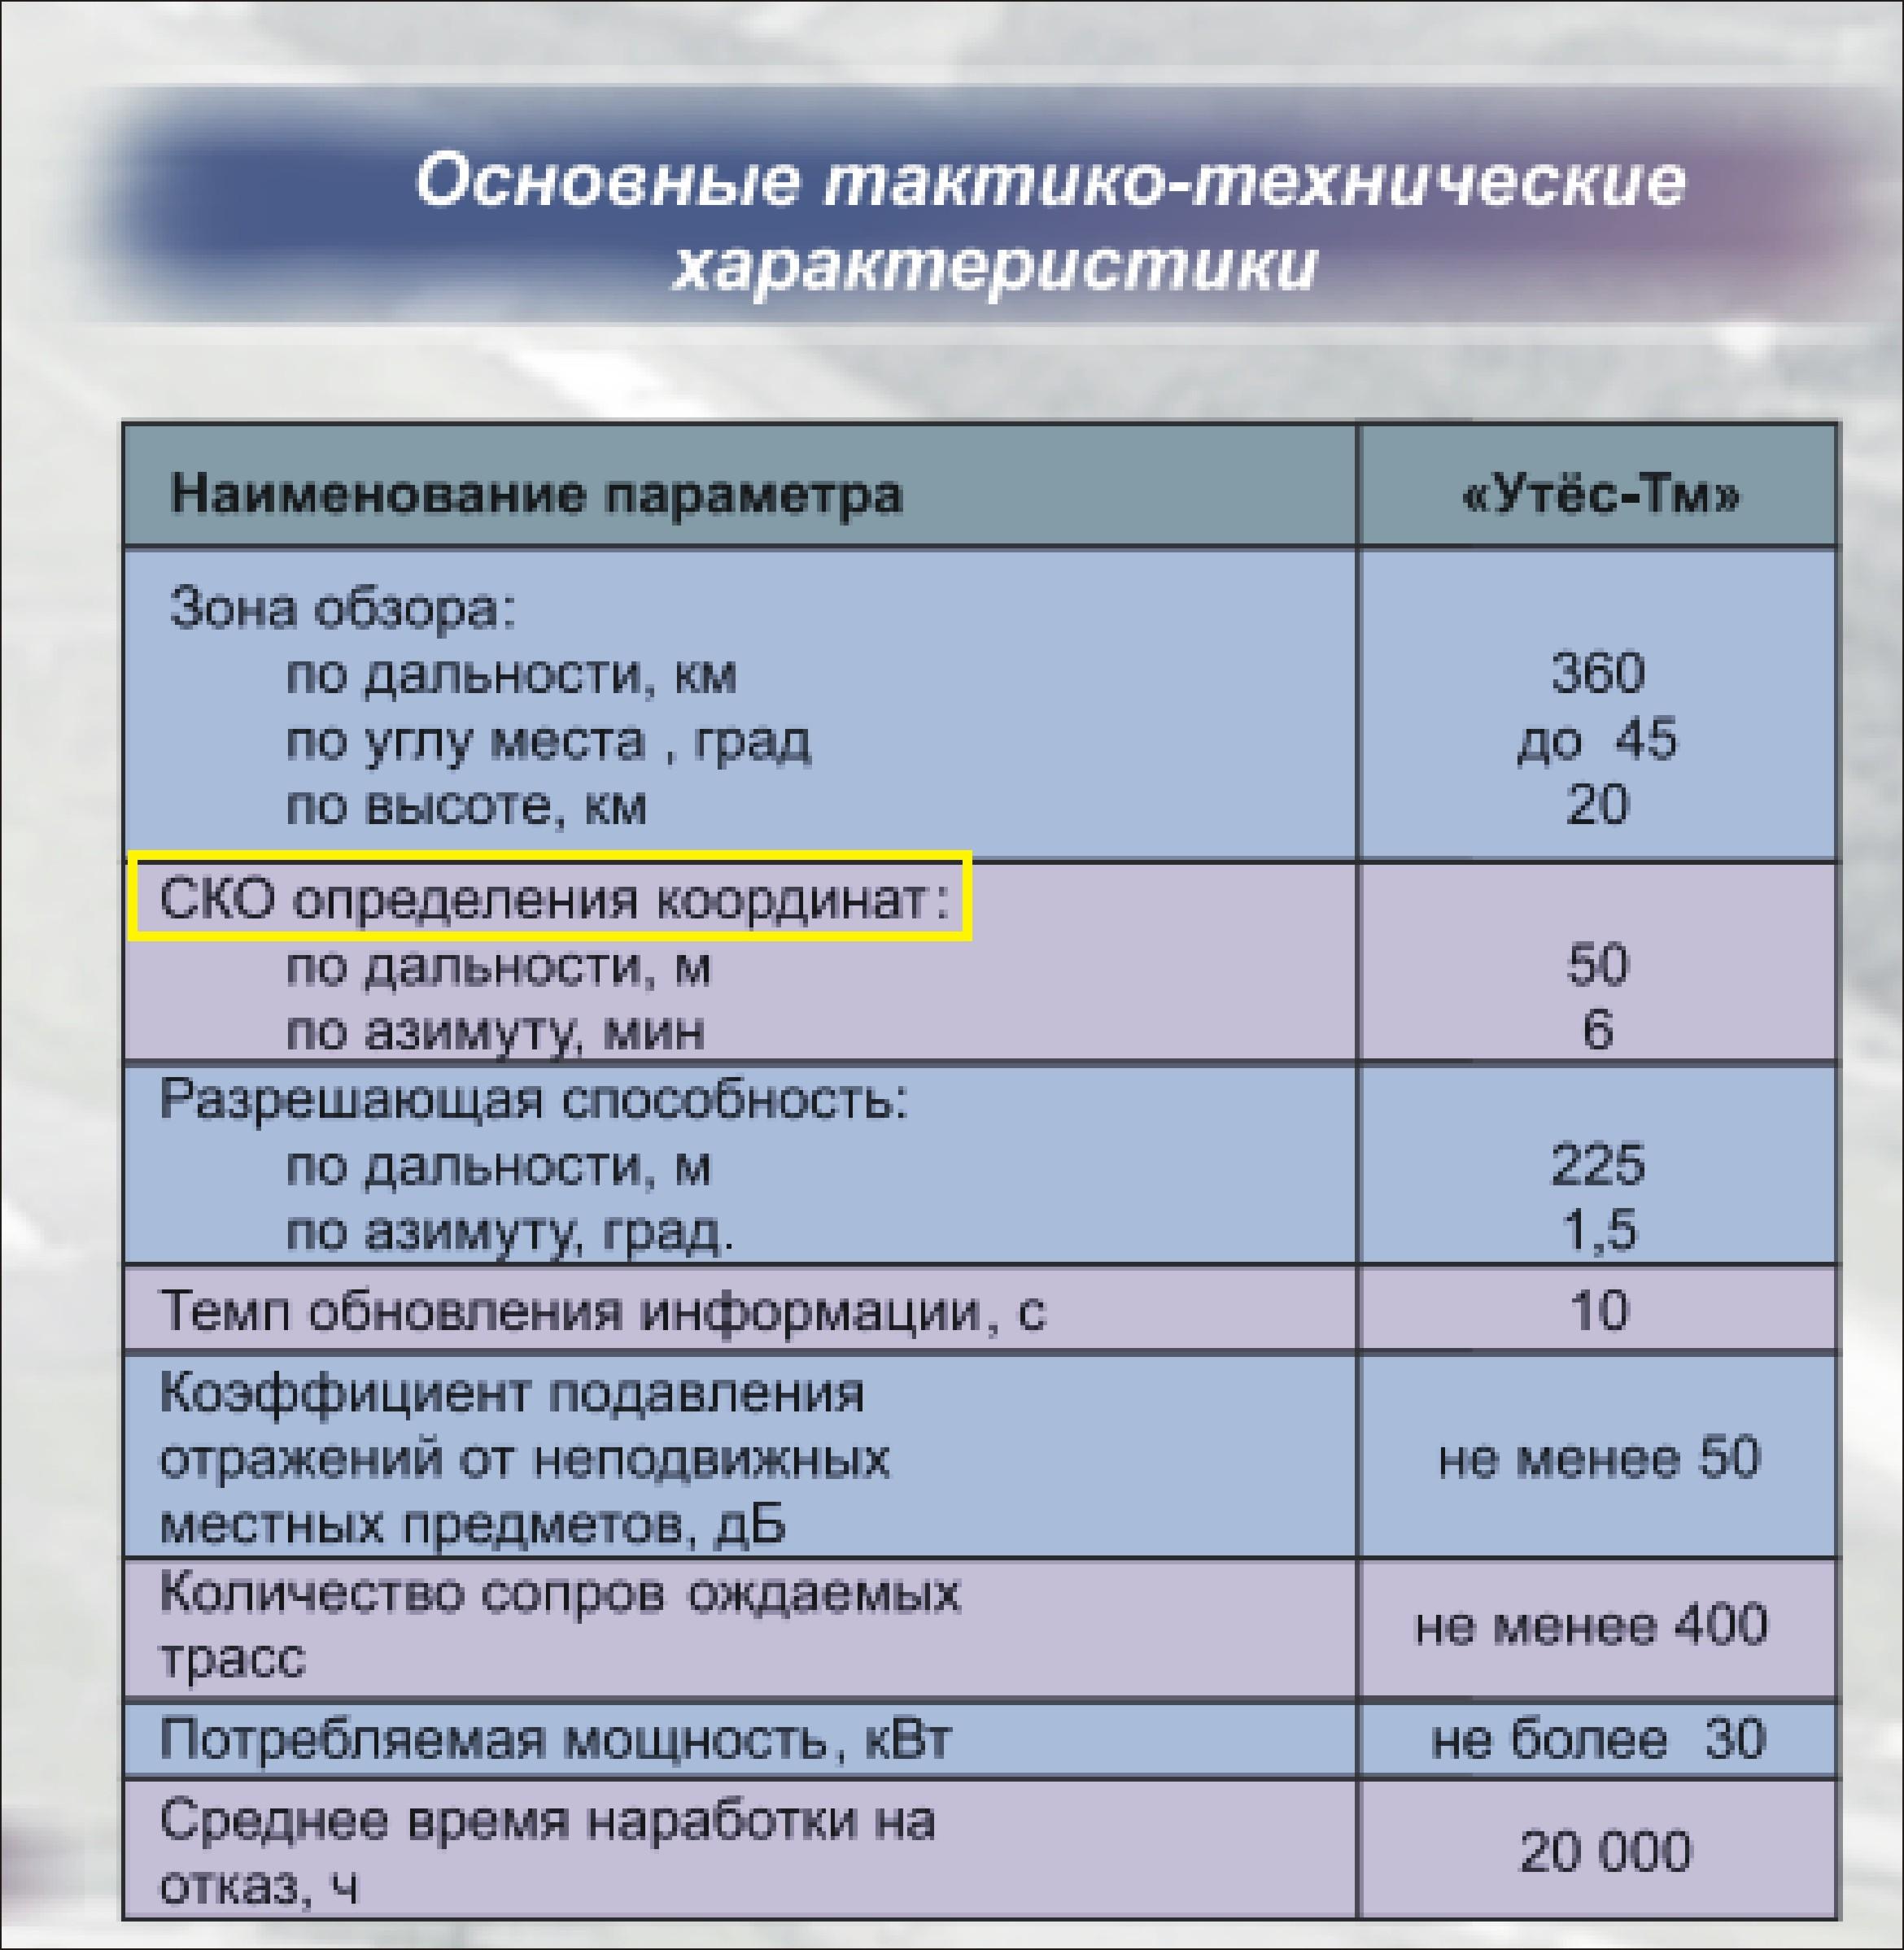 http://images.vfl.ru/ii/1559578857/d2594193/26761150.jpg